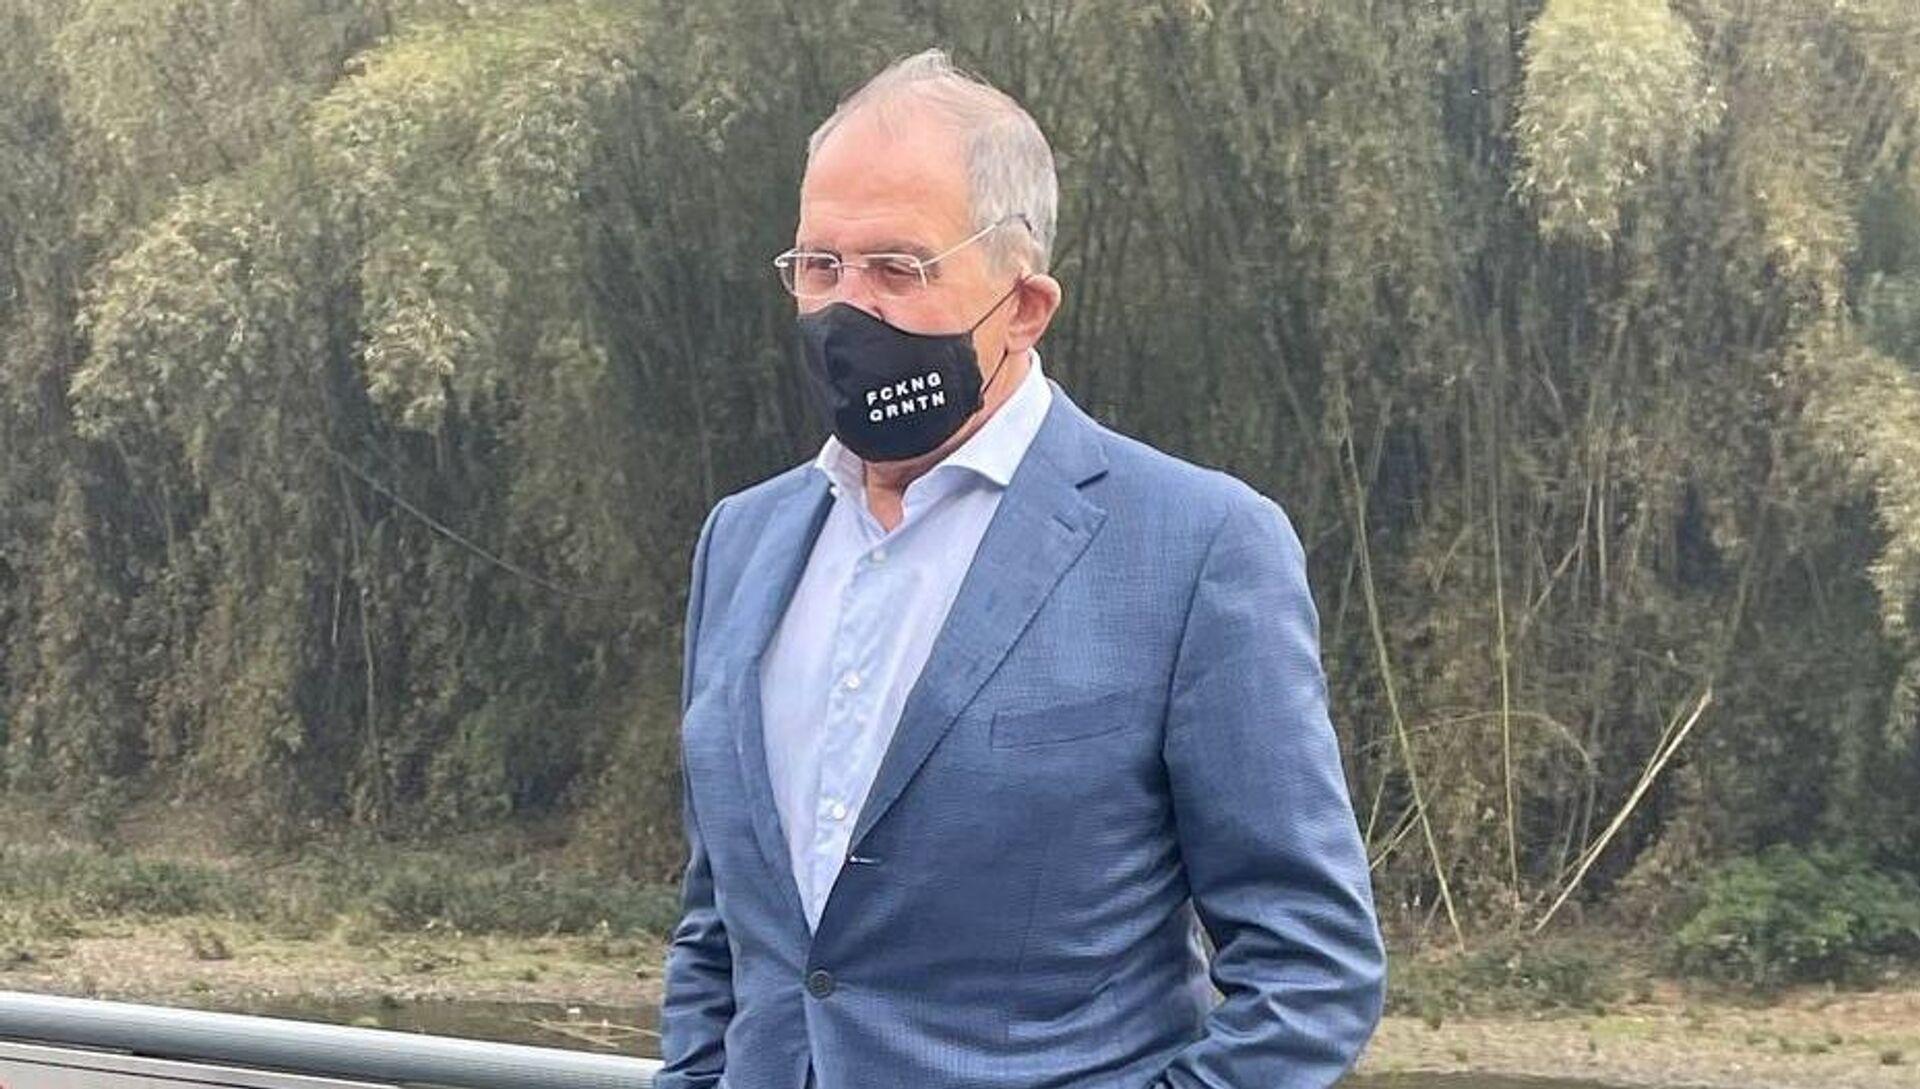 Il ministro degli Esteri russo Sergei Lavrov in Cina - Sputnik Italia, 1920, 22.03.2021